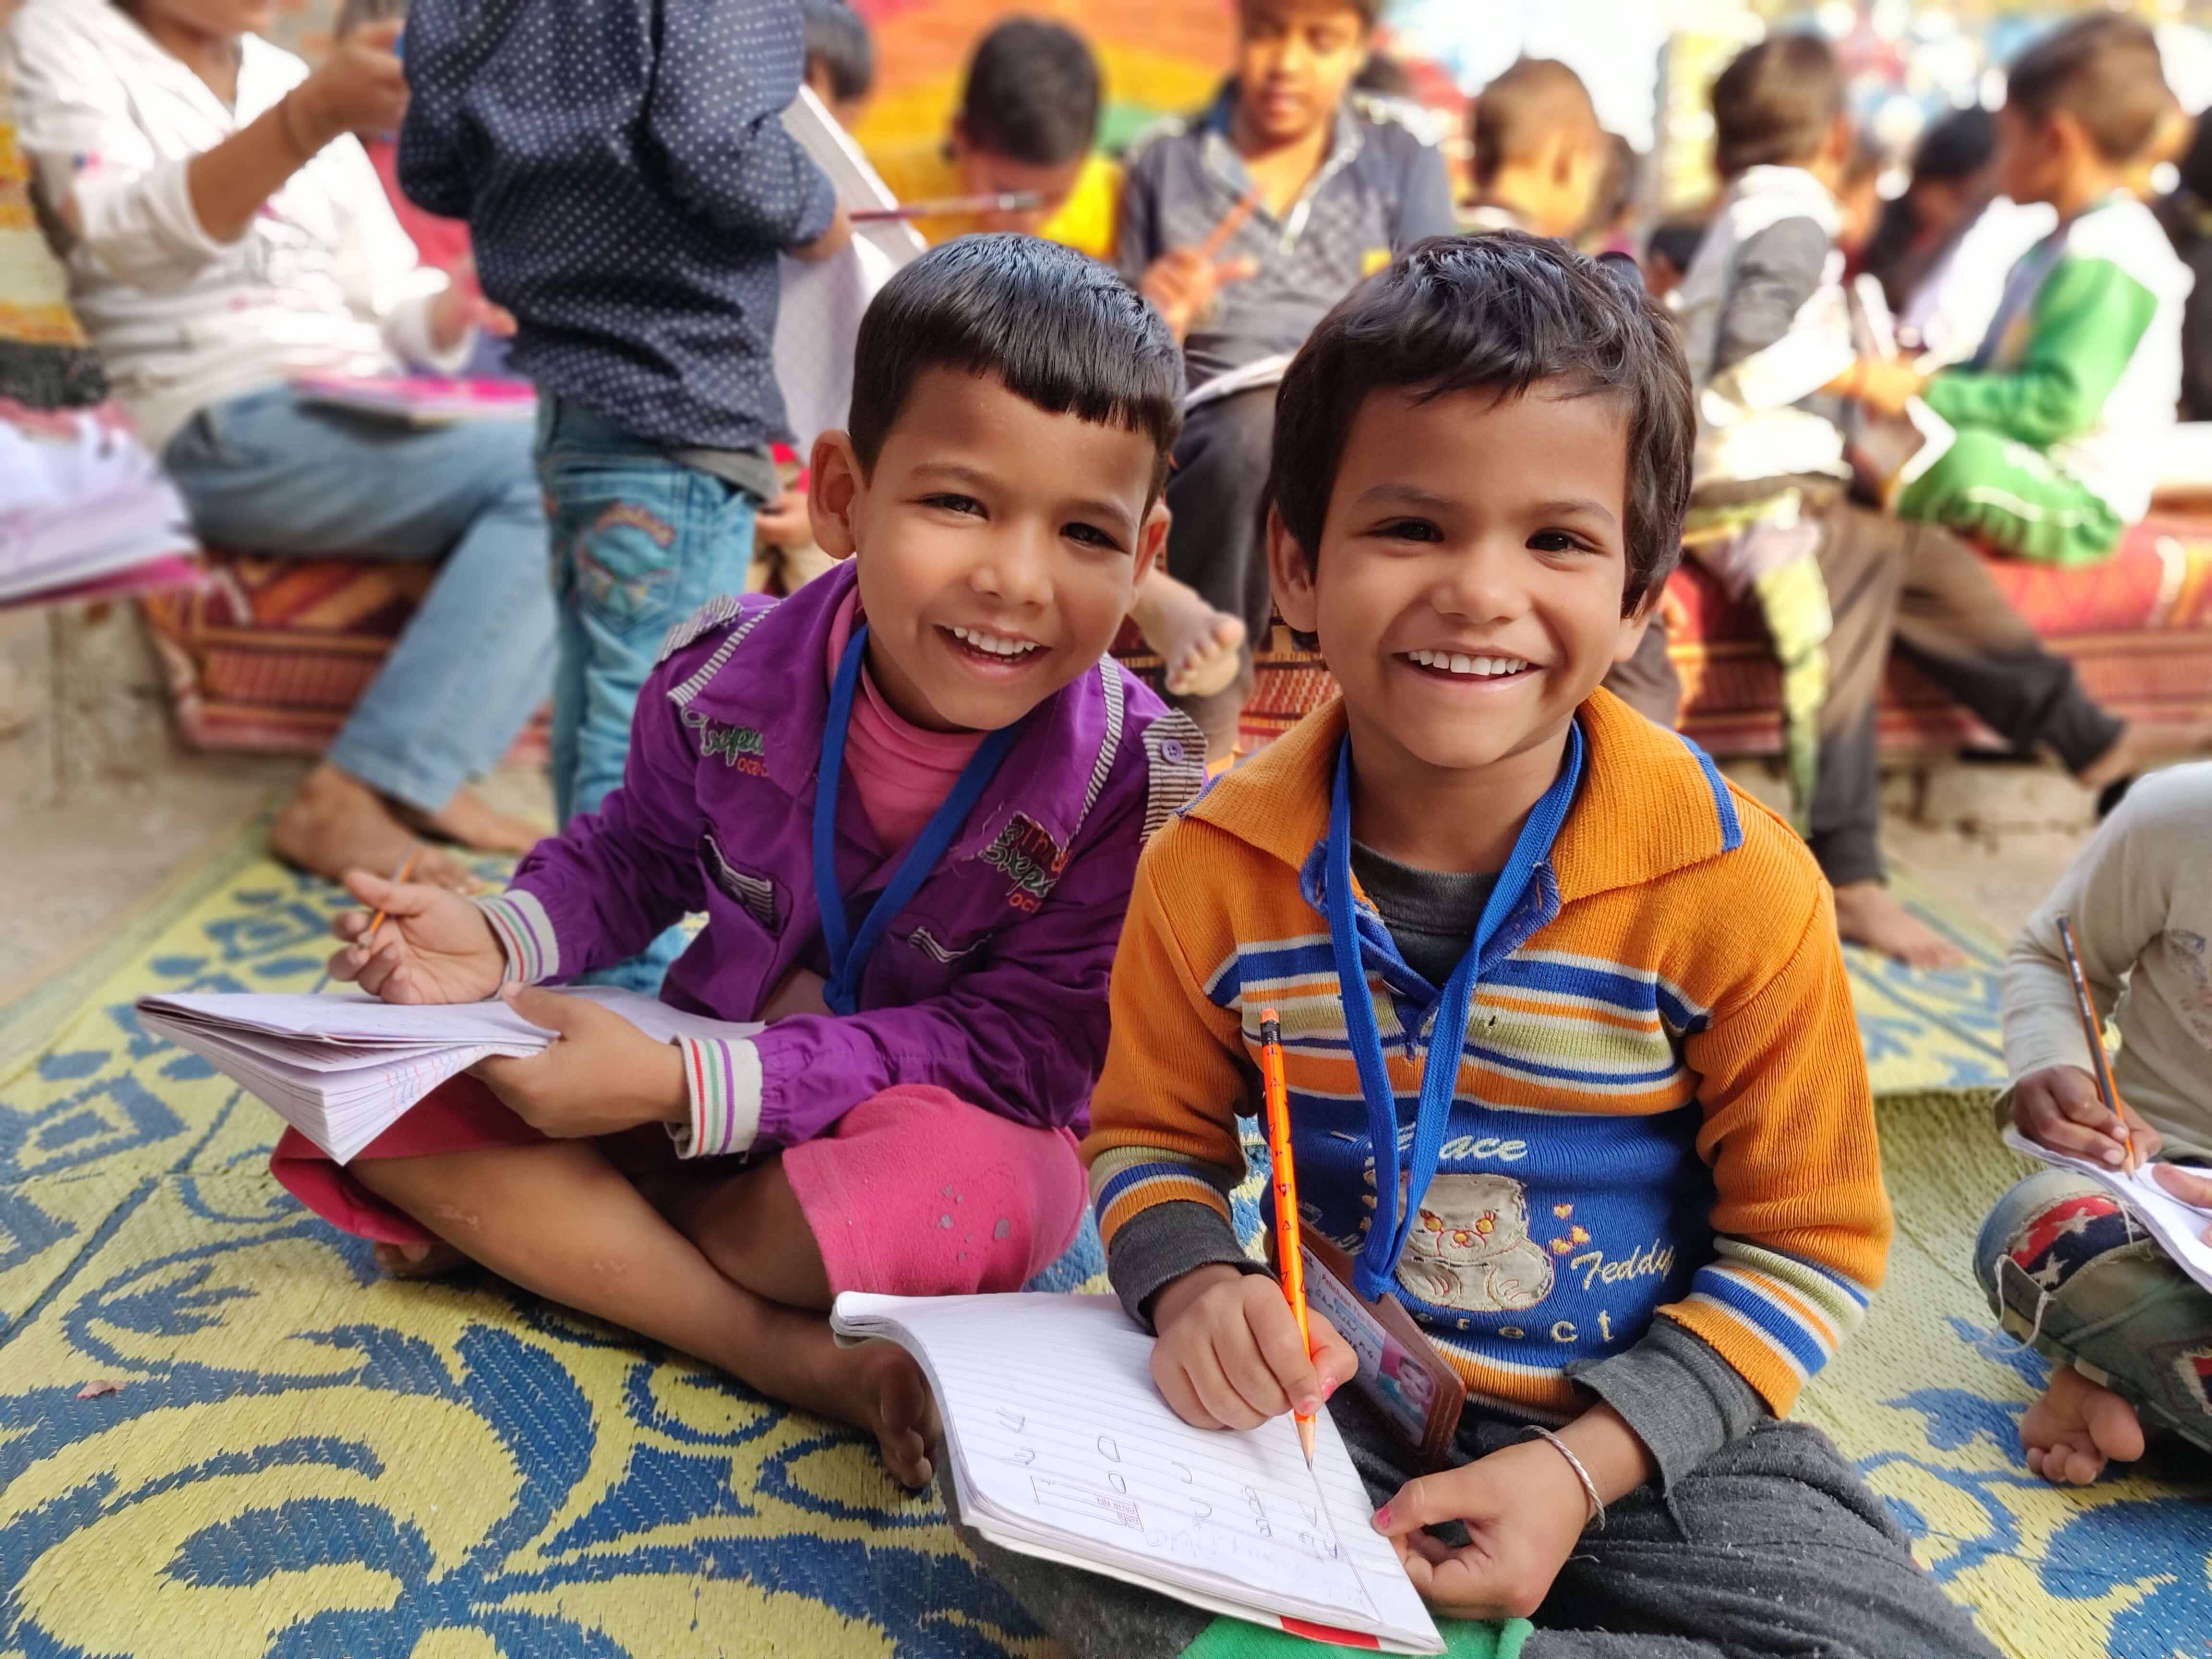 Pehchaan The Street School | Quest for freedom